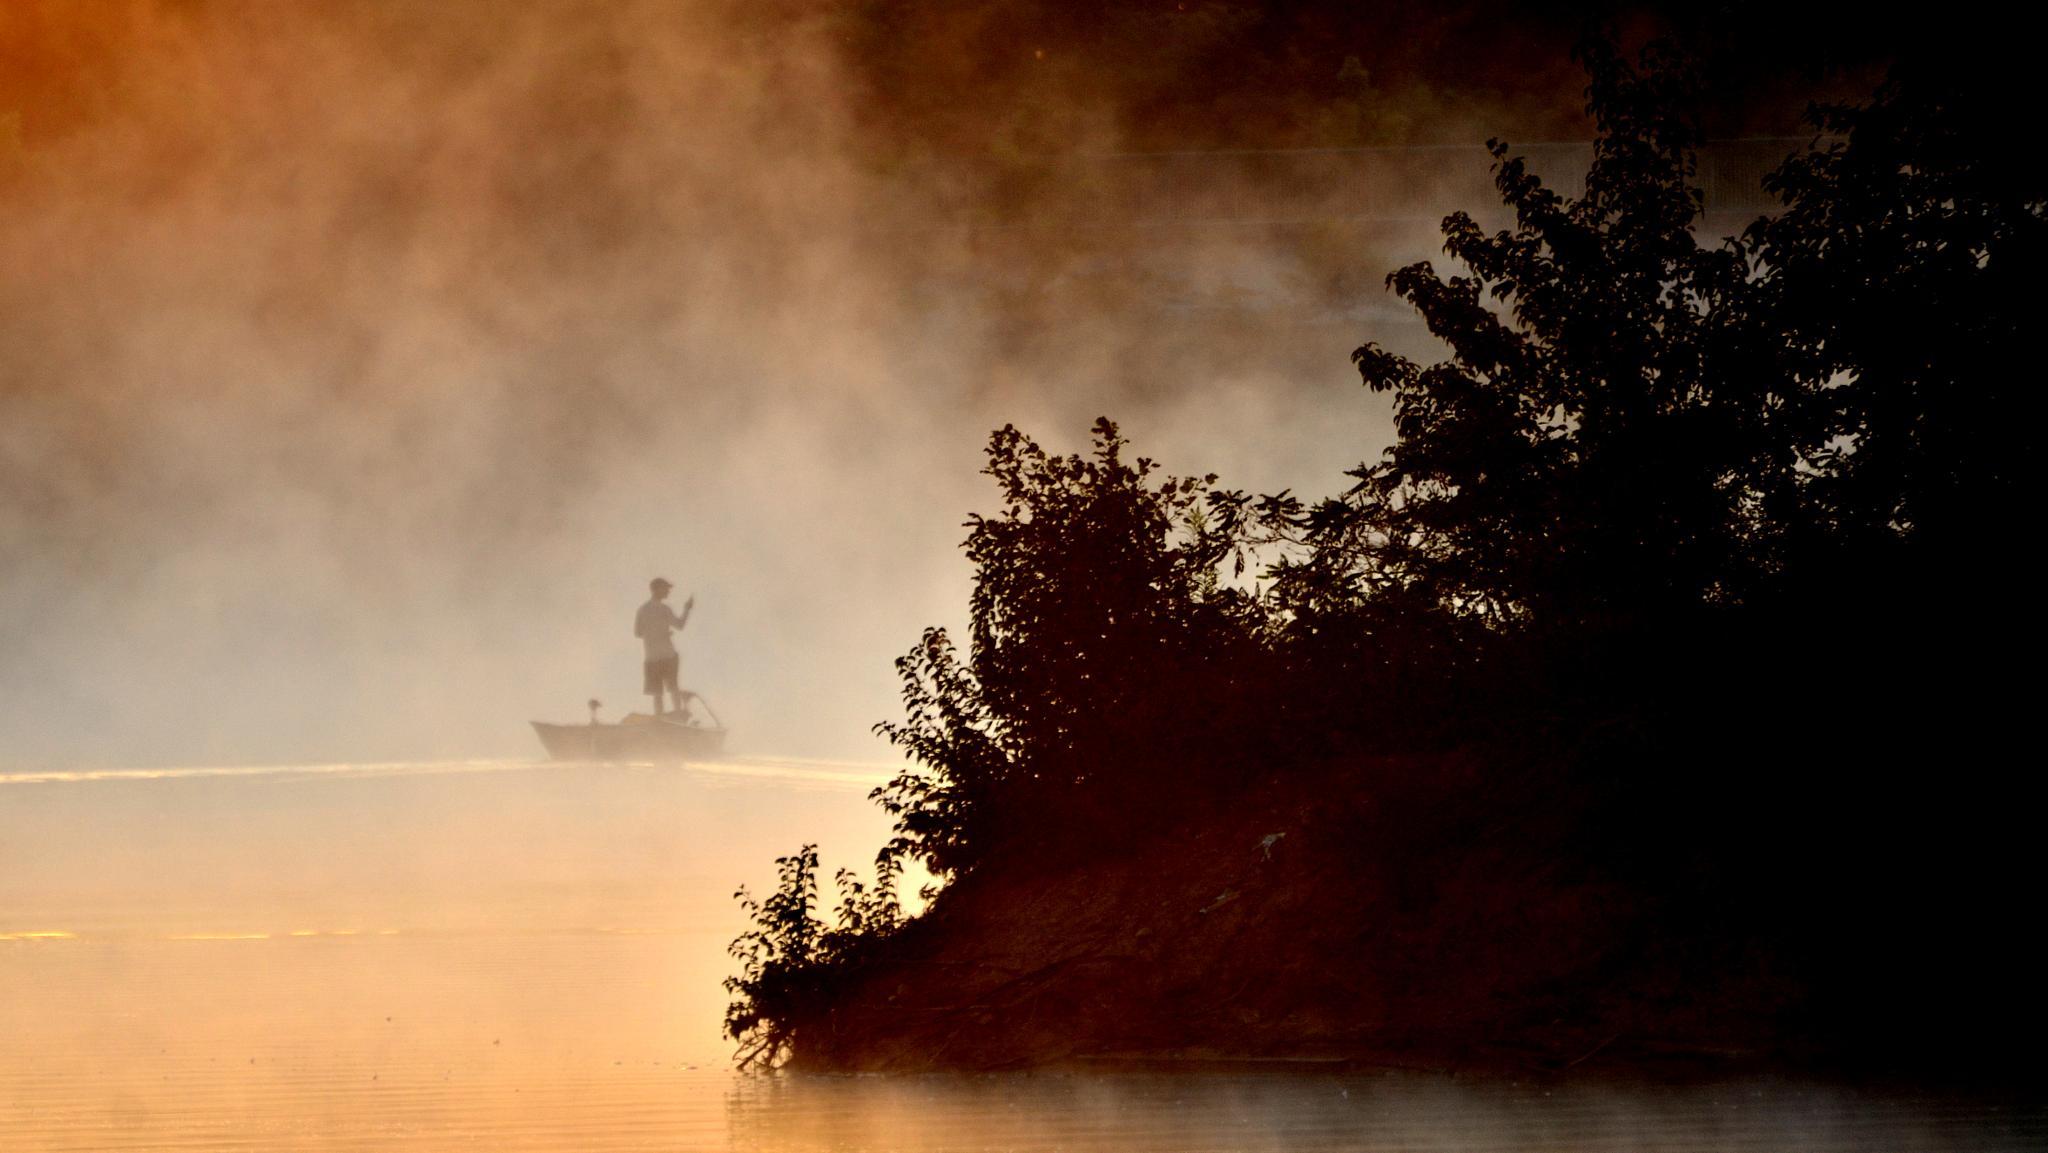 IN A Fog by papaga